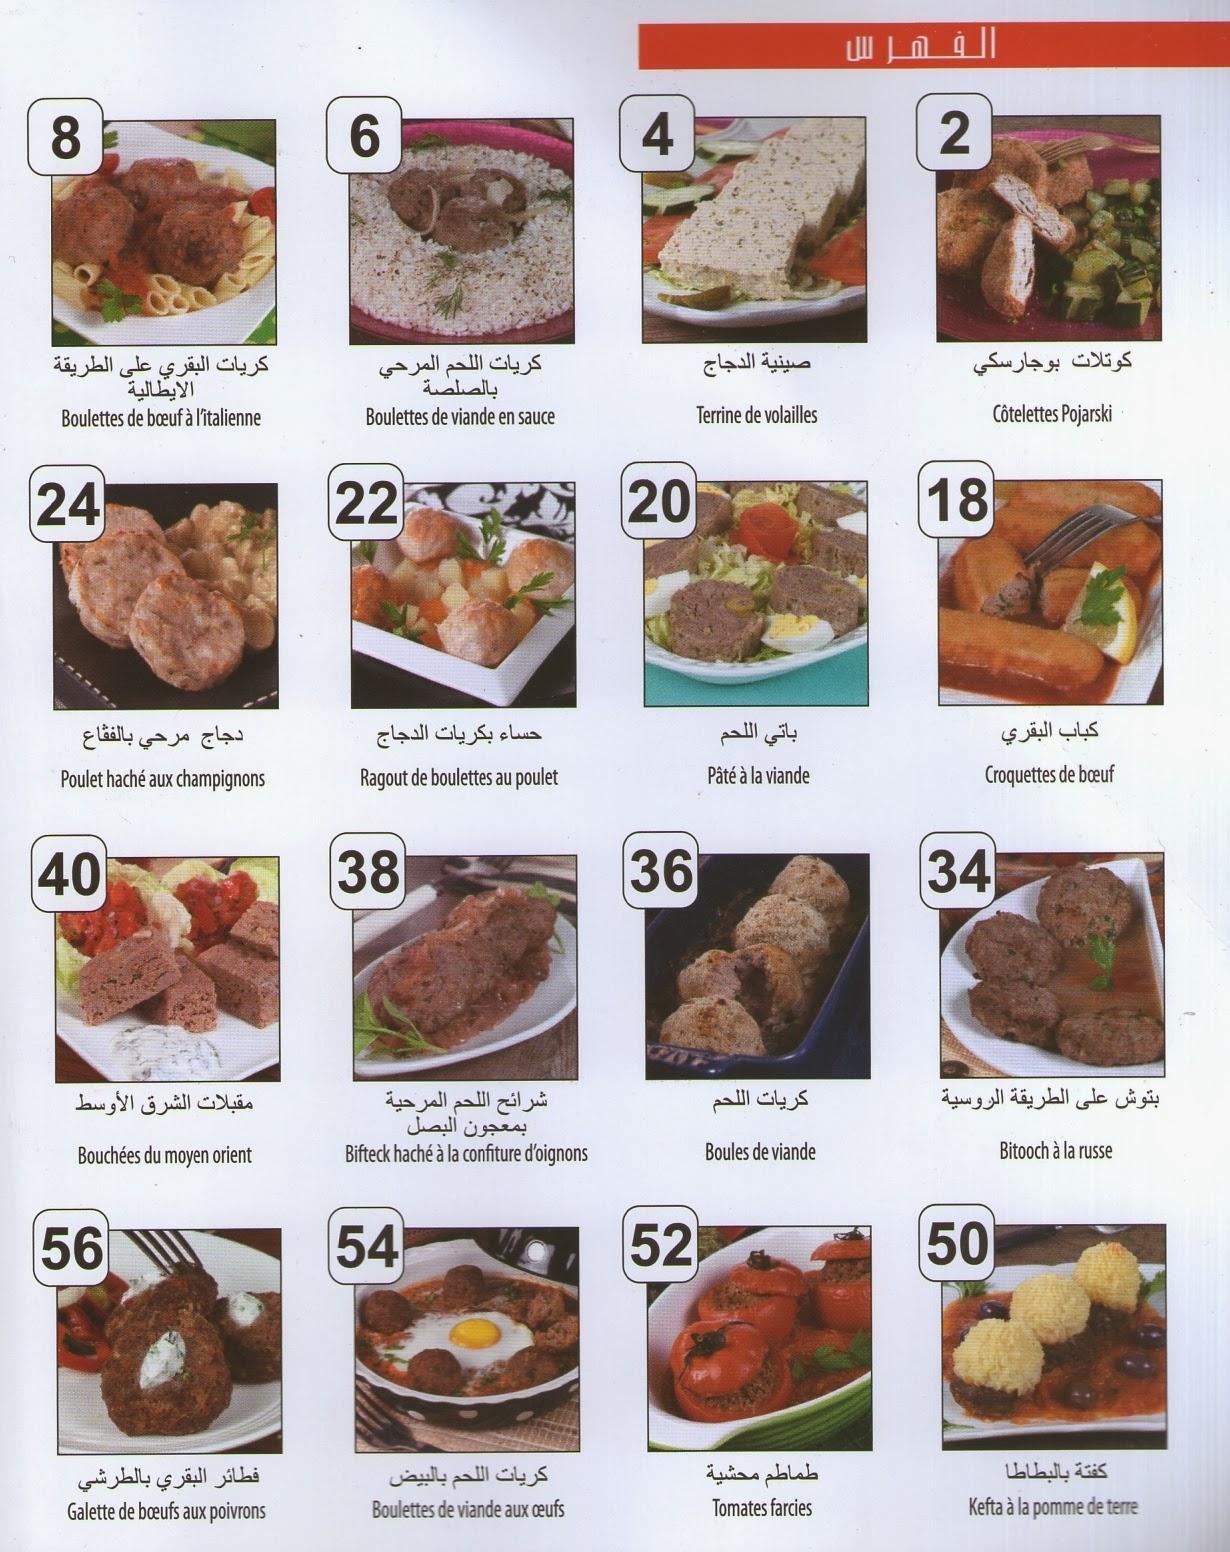 la cuisine alg 233 rienne cuisine facile de a a z special viandes hachees 30 recettes ar fr